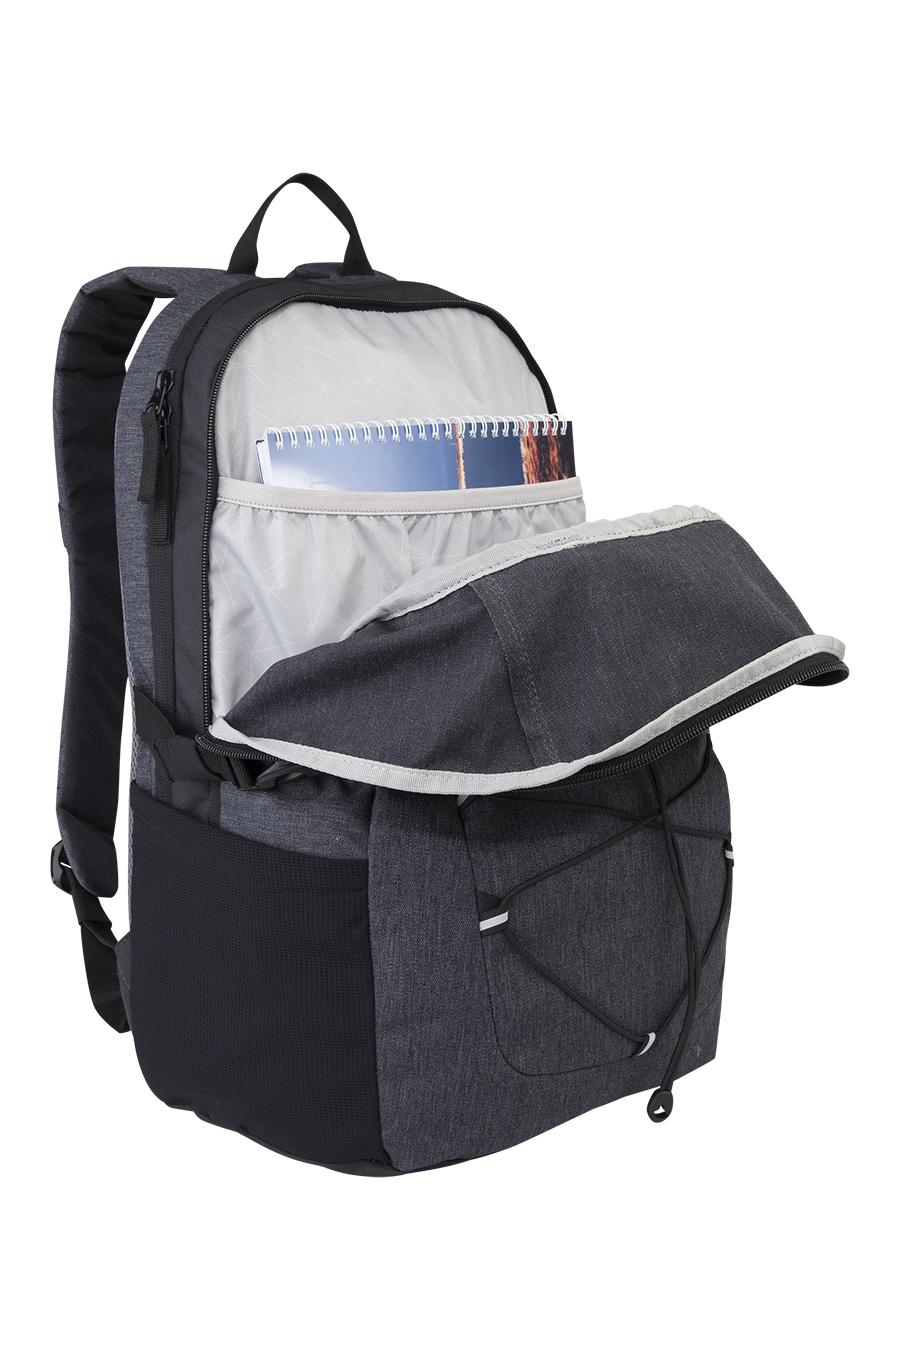 Focus daypack 28L  6